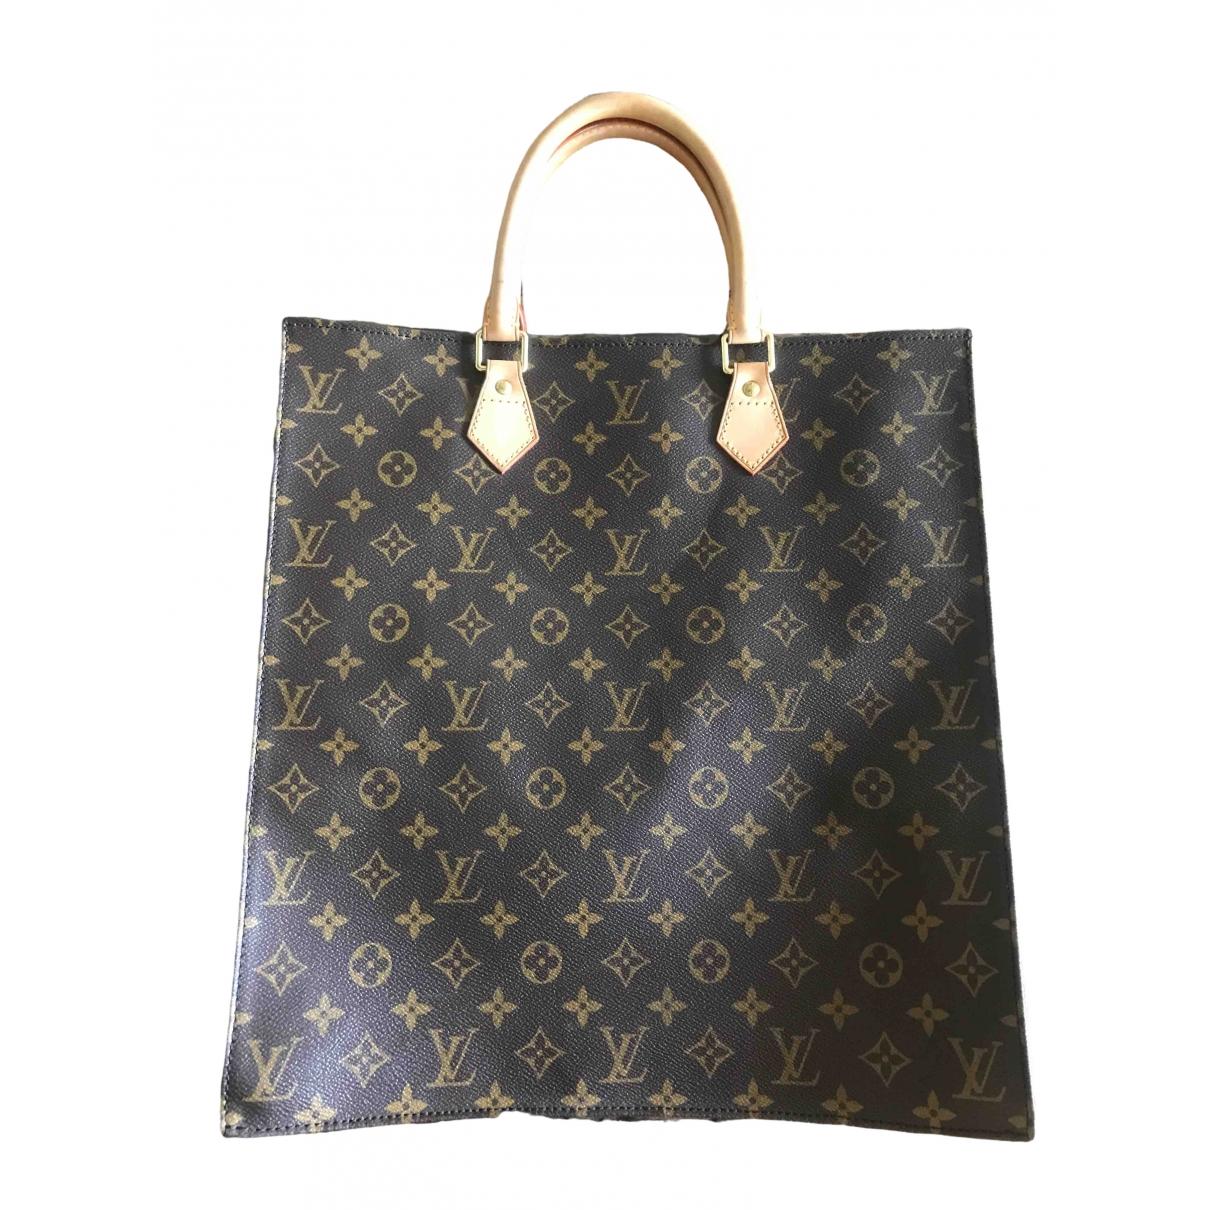 Cabas Plat de Lona Louis Vuitton